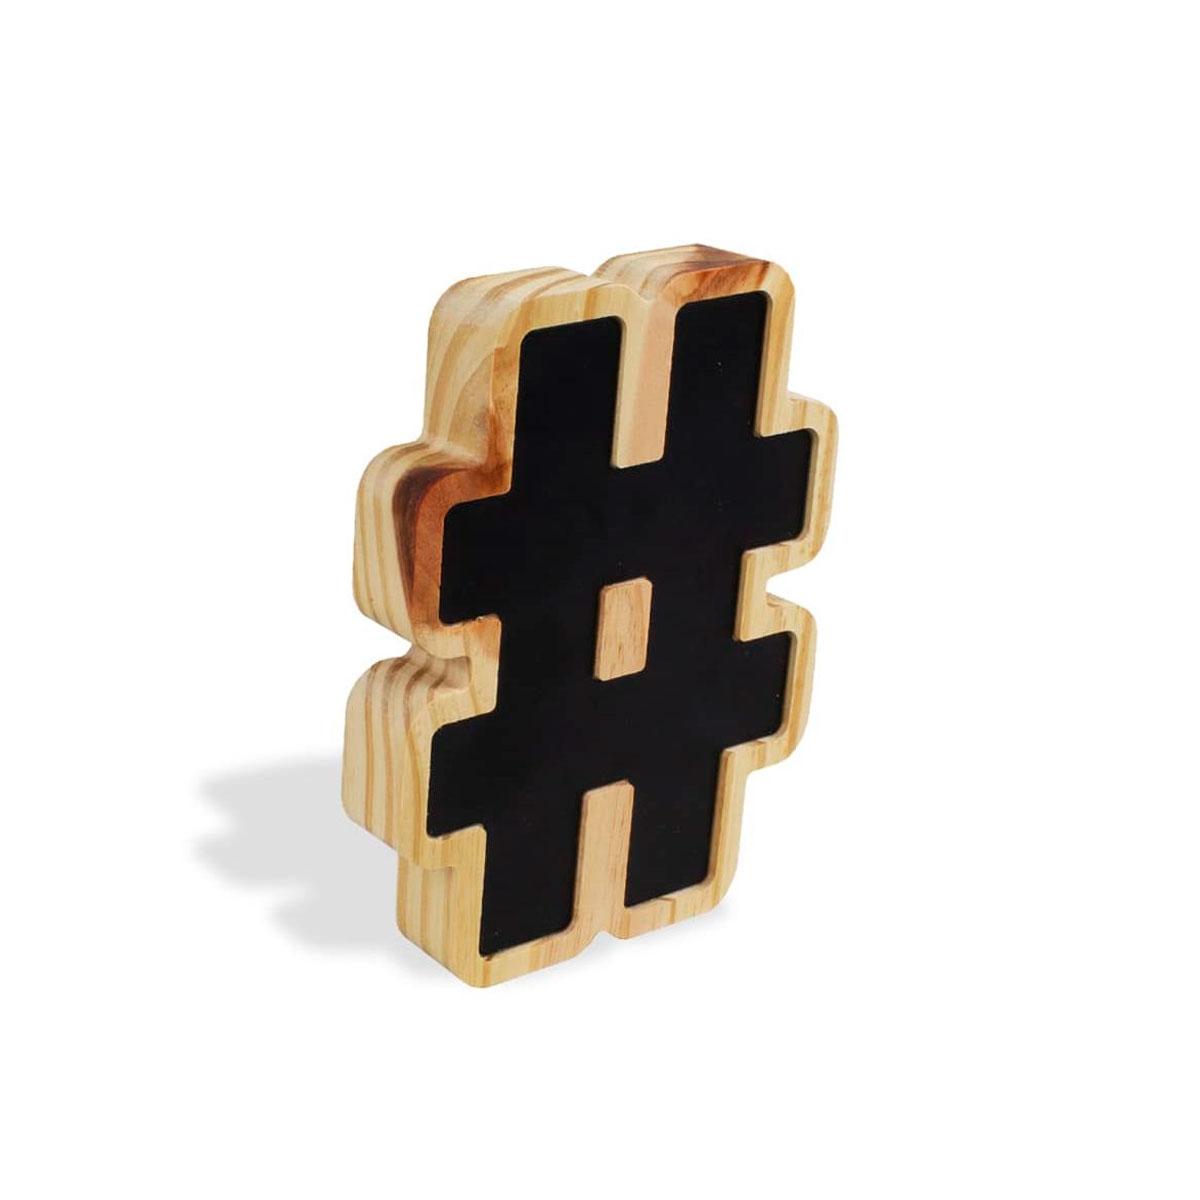 Letra Decorativa Madeira e Metal Hashtag - Presente Super